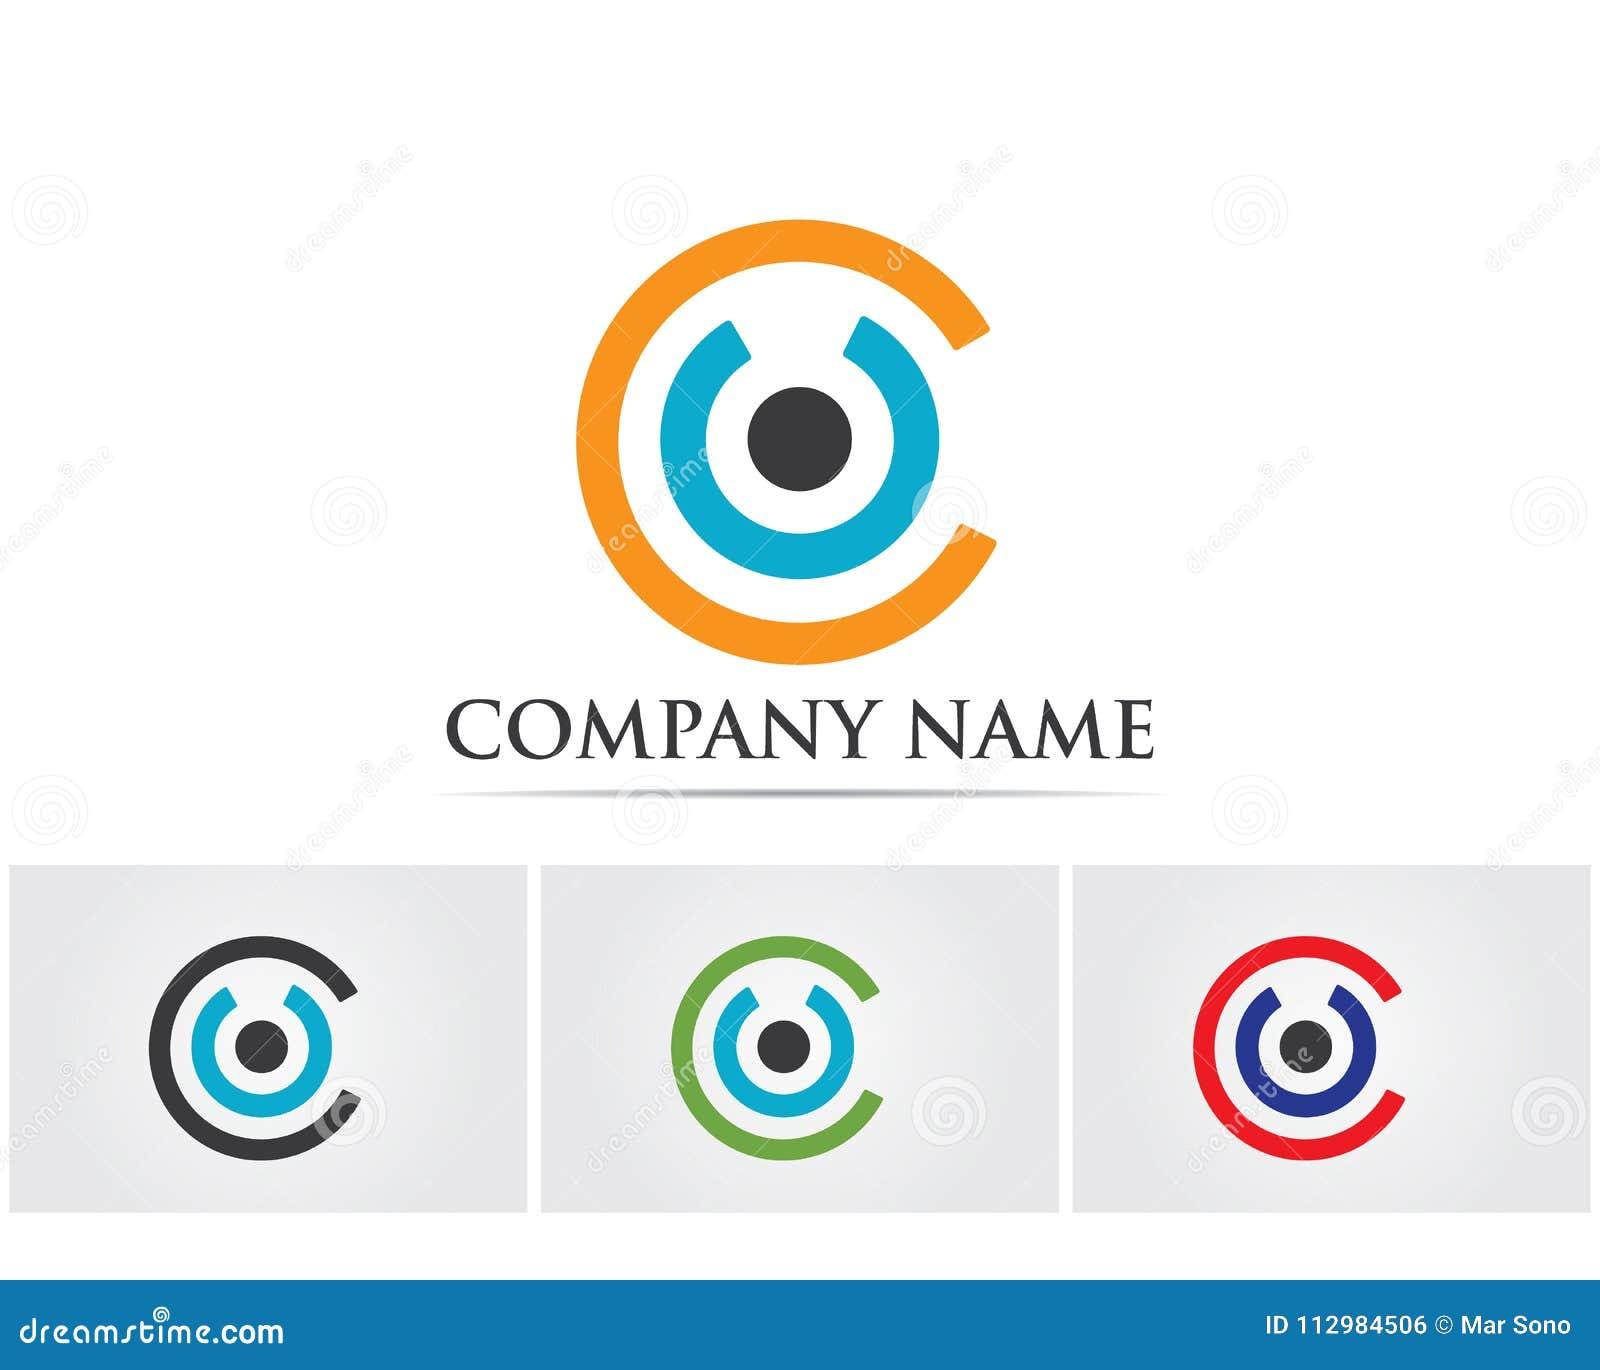 circle logo and symbols Vector.